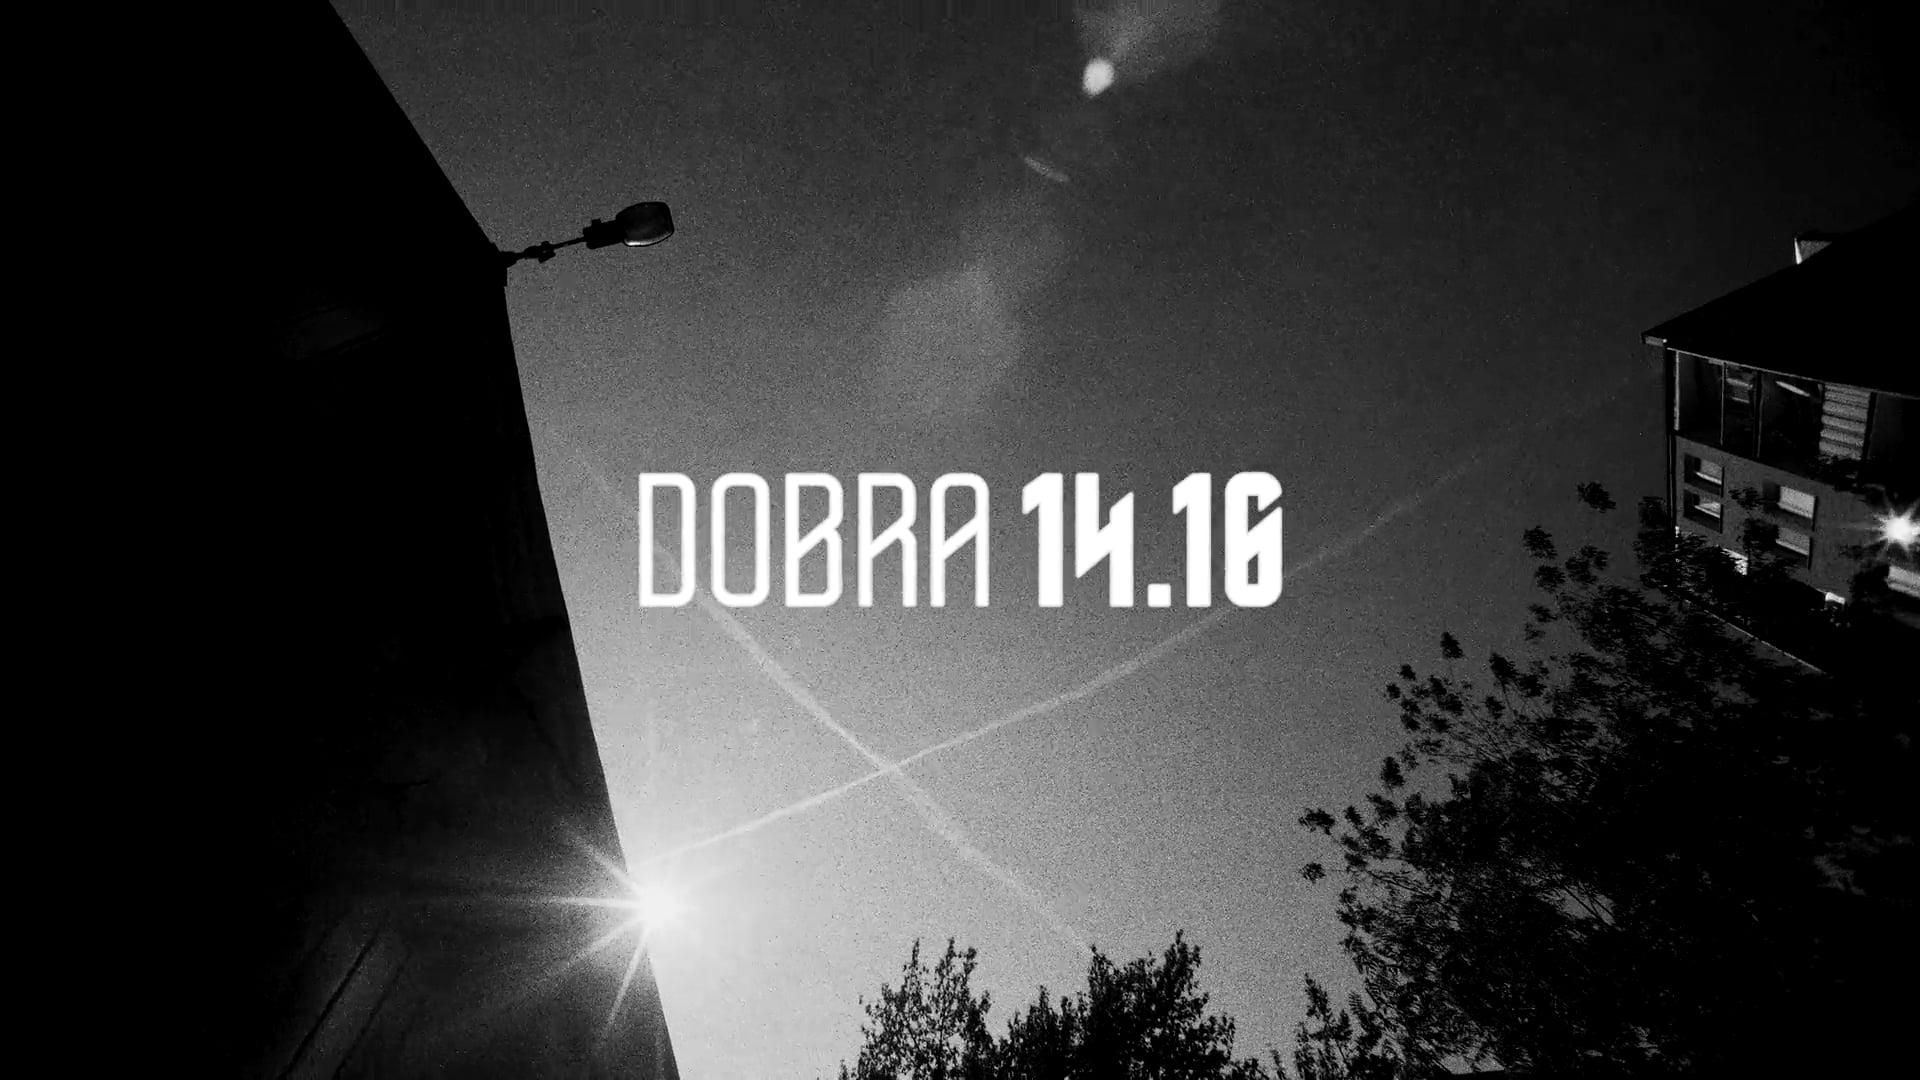 DOBRA 14.16 : mural 2020